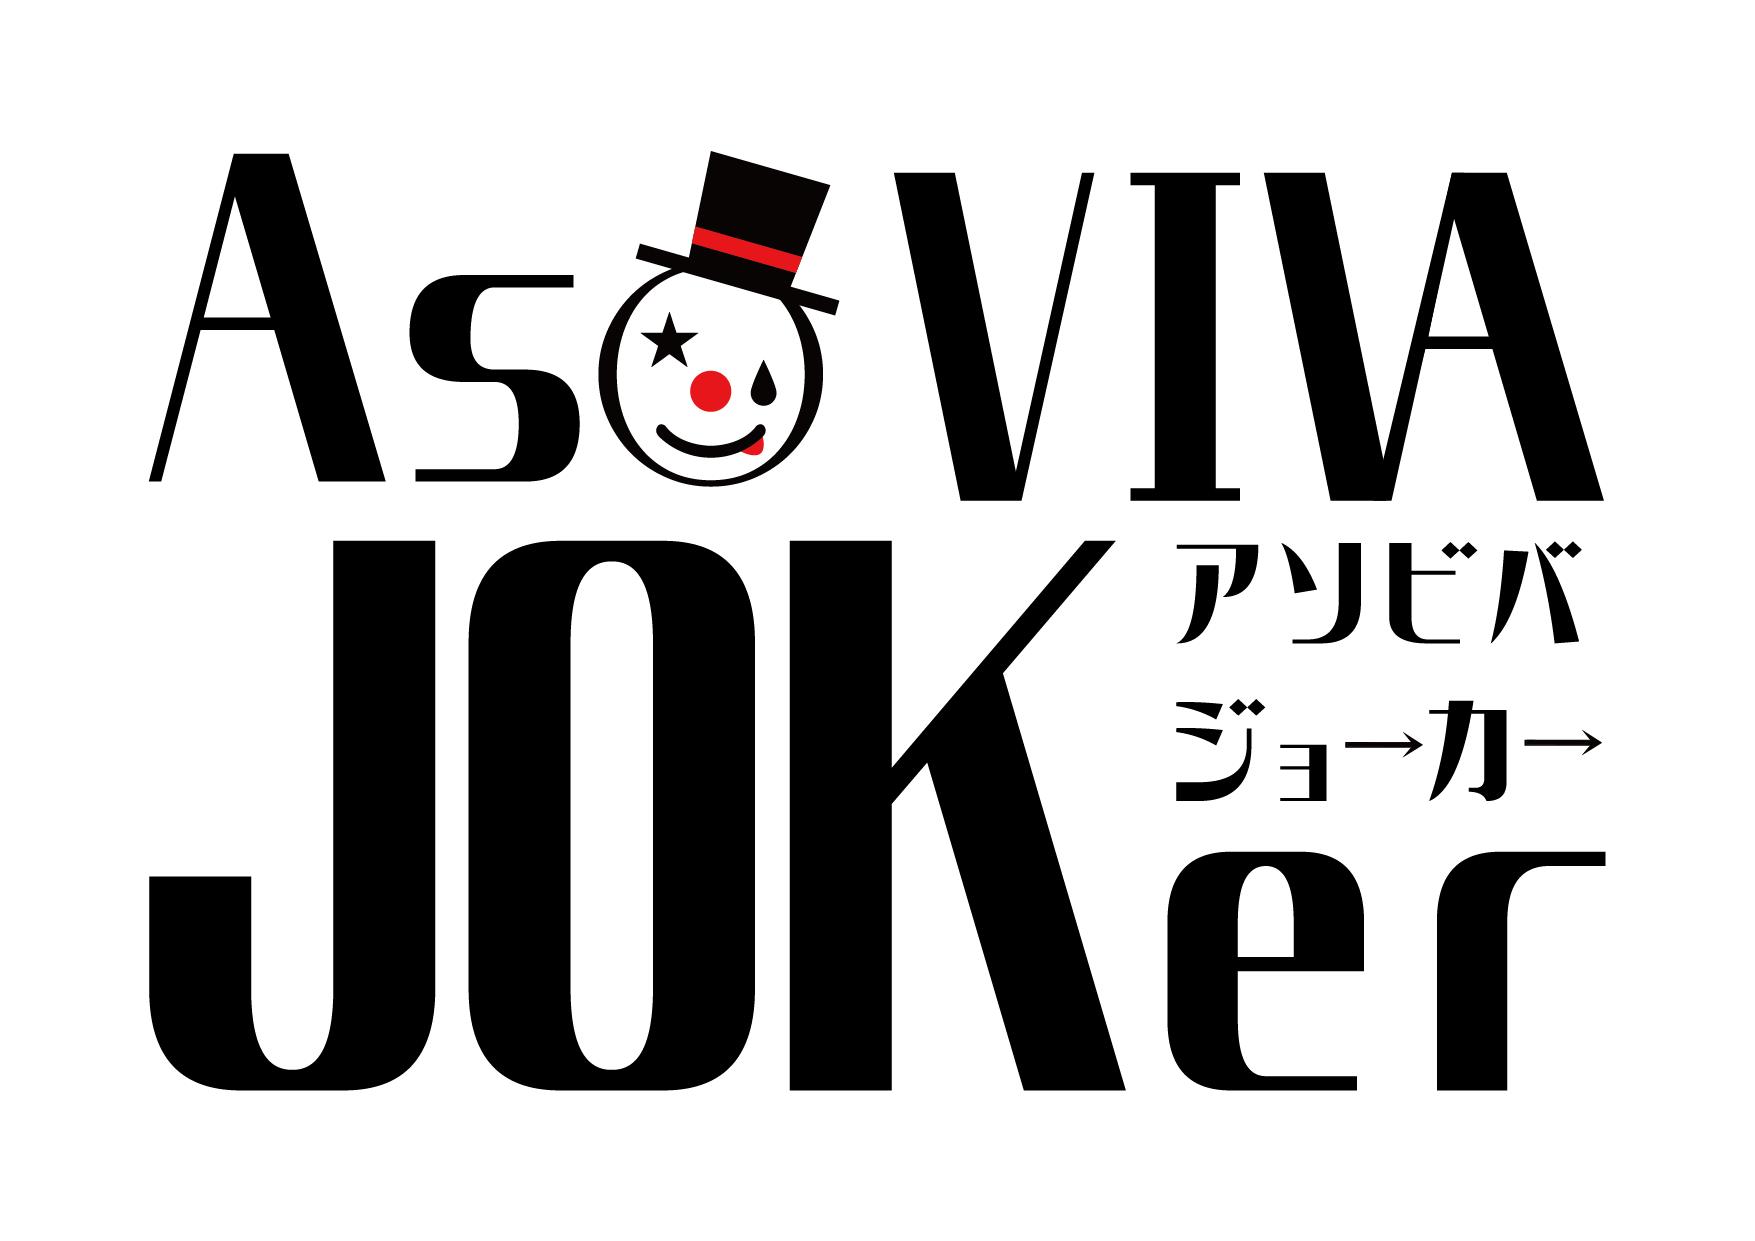 ボードゲーム&謎解き AsoVIVA JOKer(アソビバジョーカー)